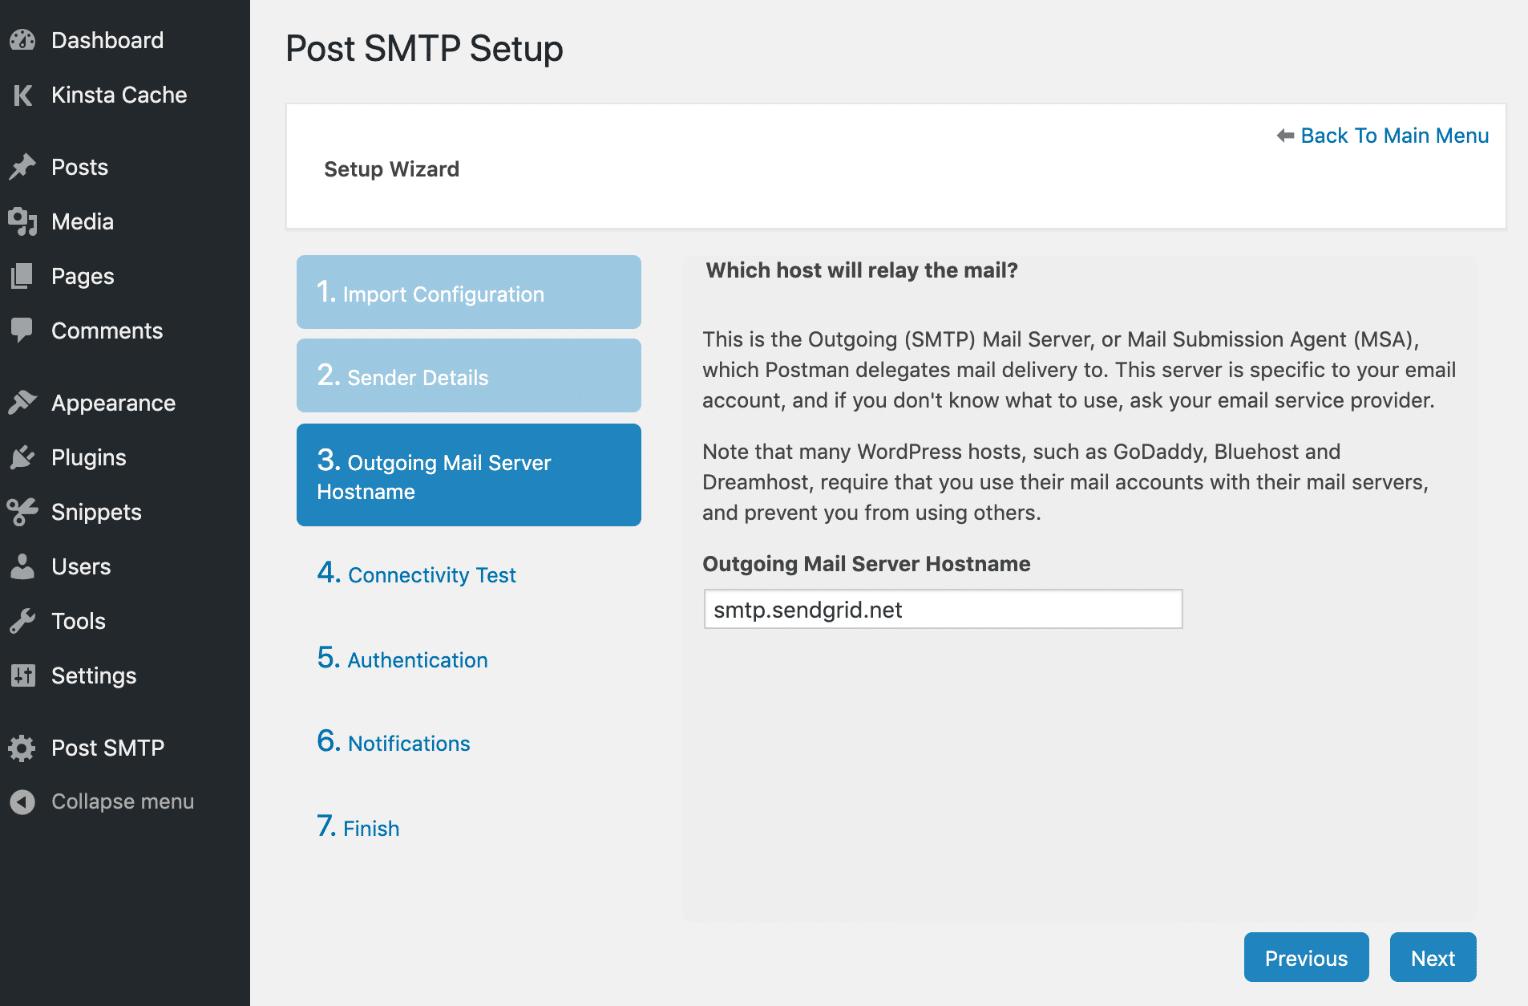 Post SMTPの送信メールサーバーホスト名